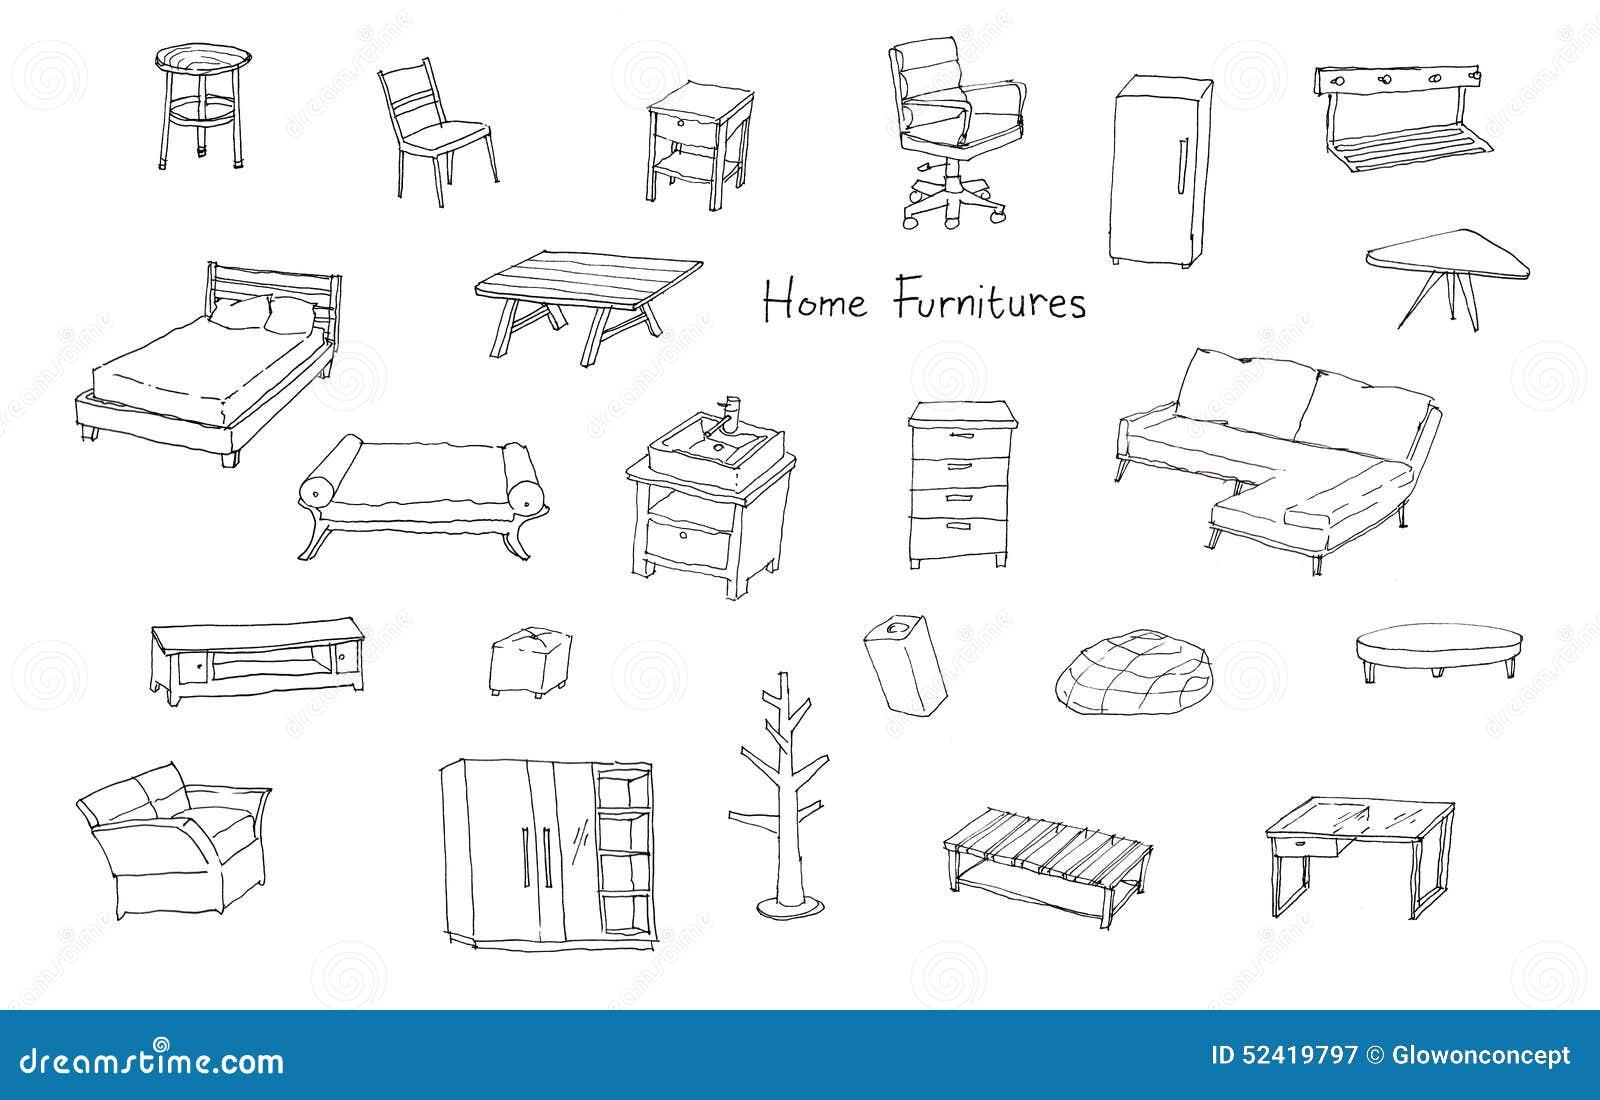 Ilustraci N De Dibujo De Muebles Vector De Stock Macrovector  # Muebles Dibujo Arquitectonico